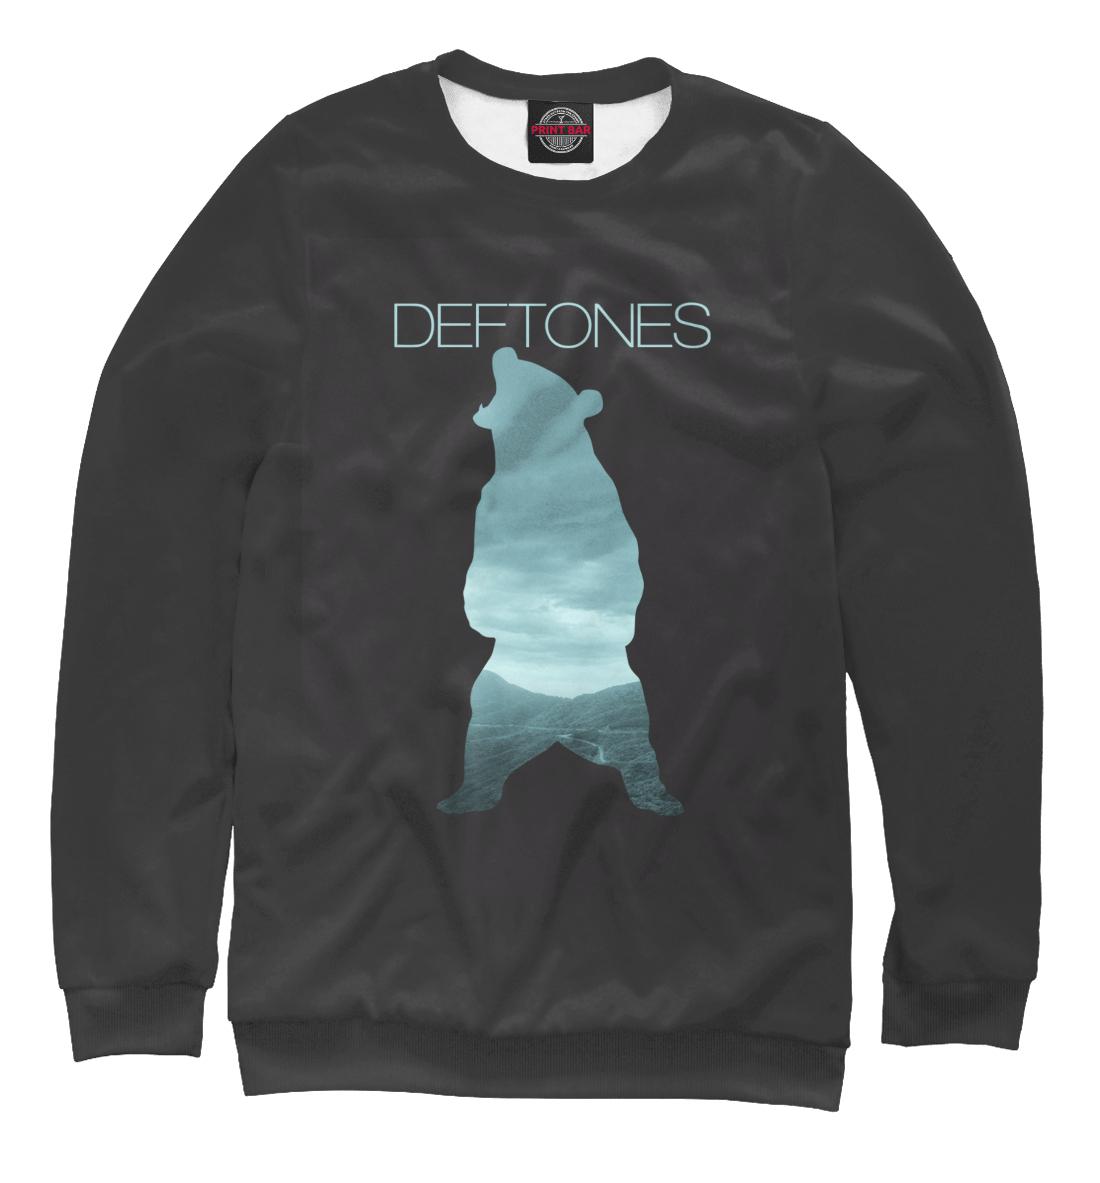 Купить Deftones, Printbar, Свитшоты, MZK-432597-swi-1